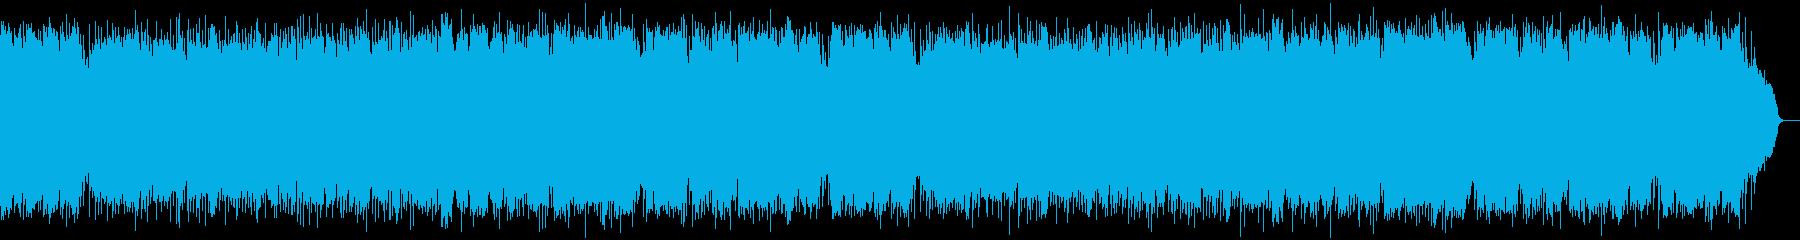 SAXが奏でるビギンのリズムの昭和歌謡の再生済みの波形